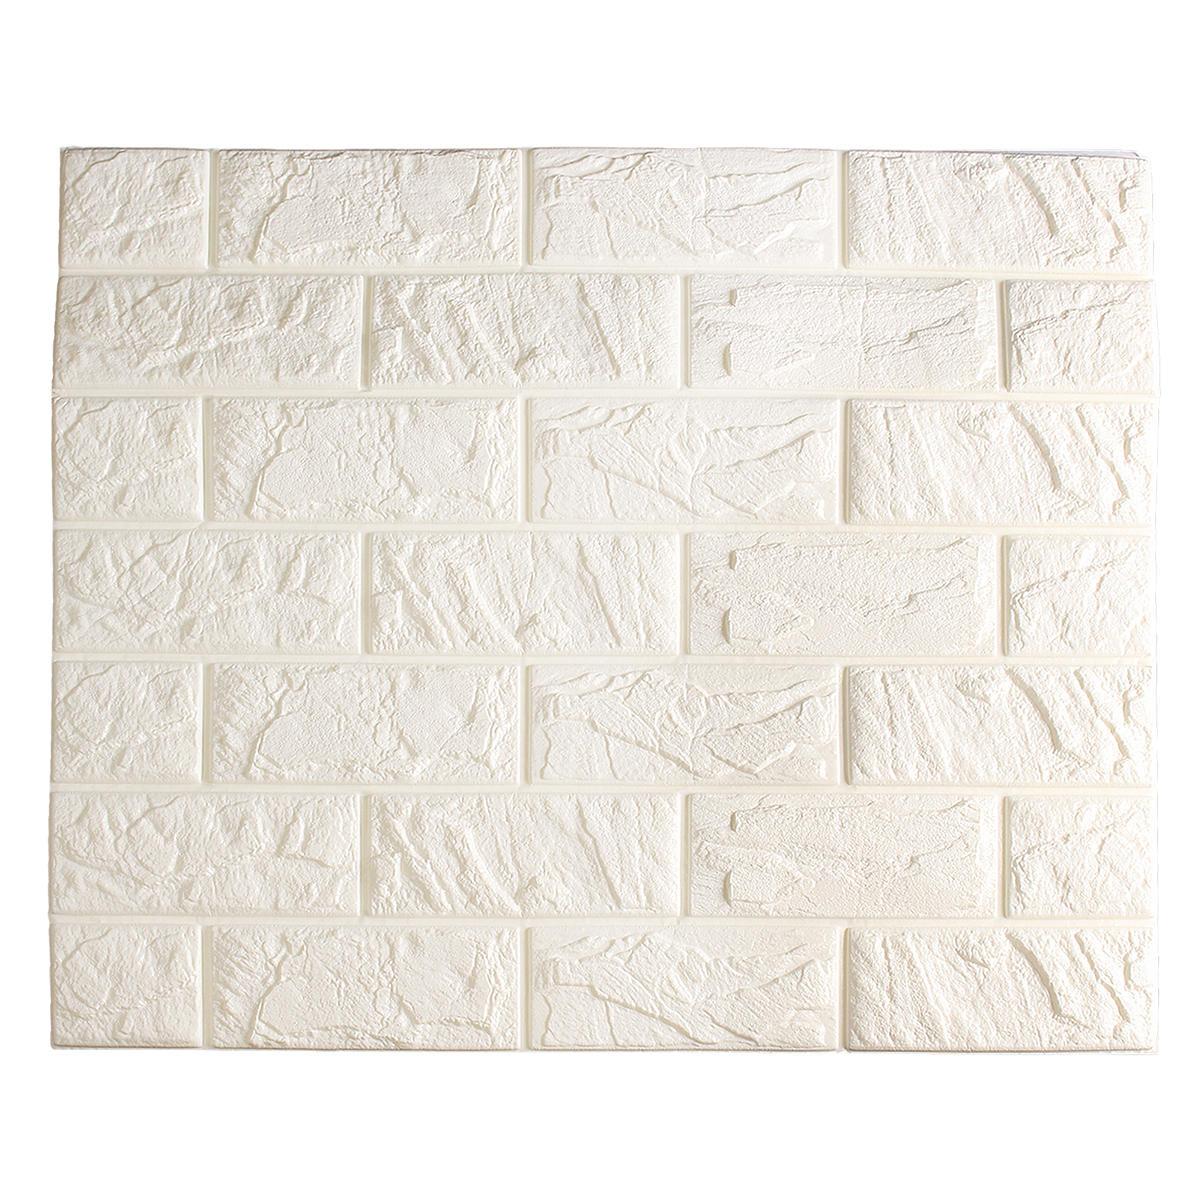 3d brick pattern wall